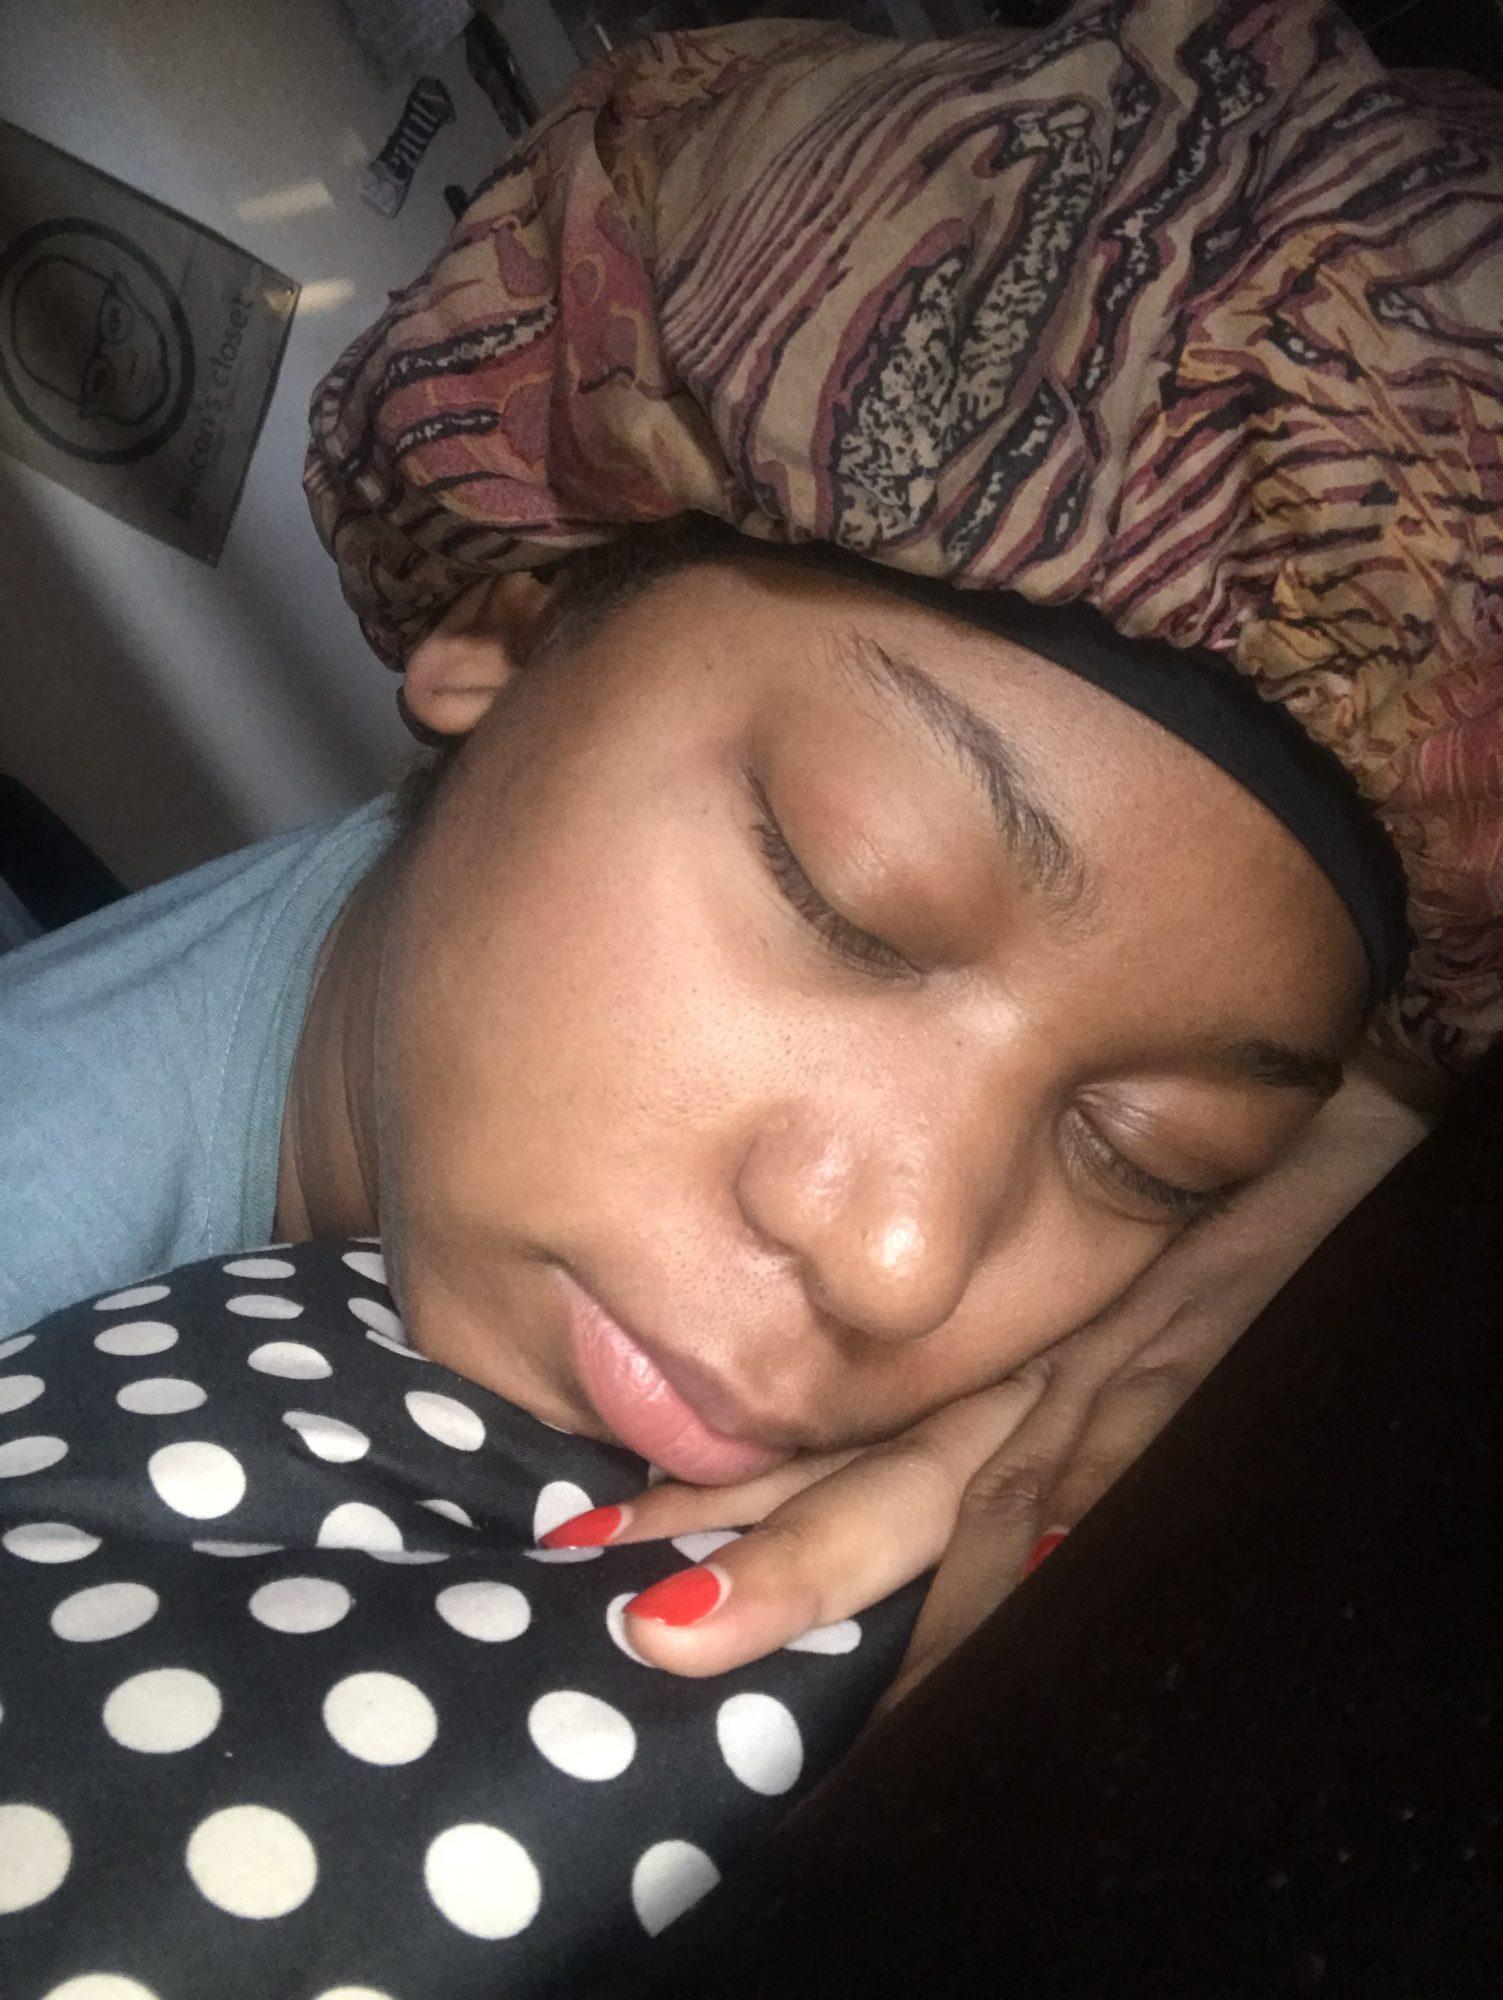 jamesleeping.jpg